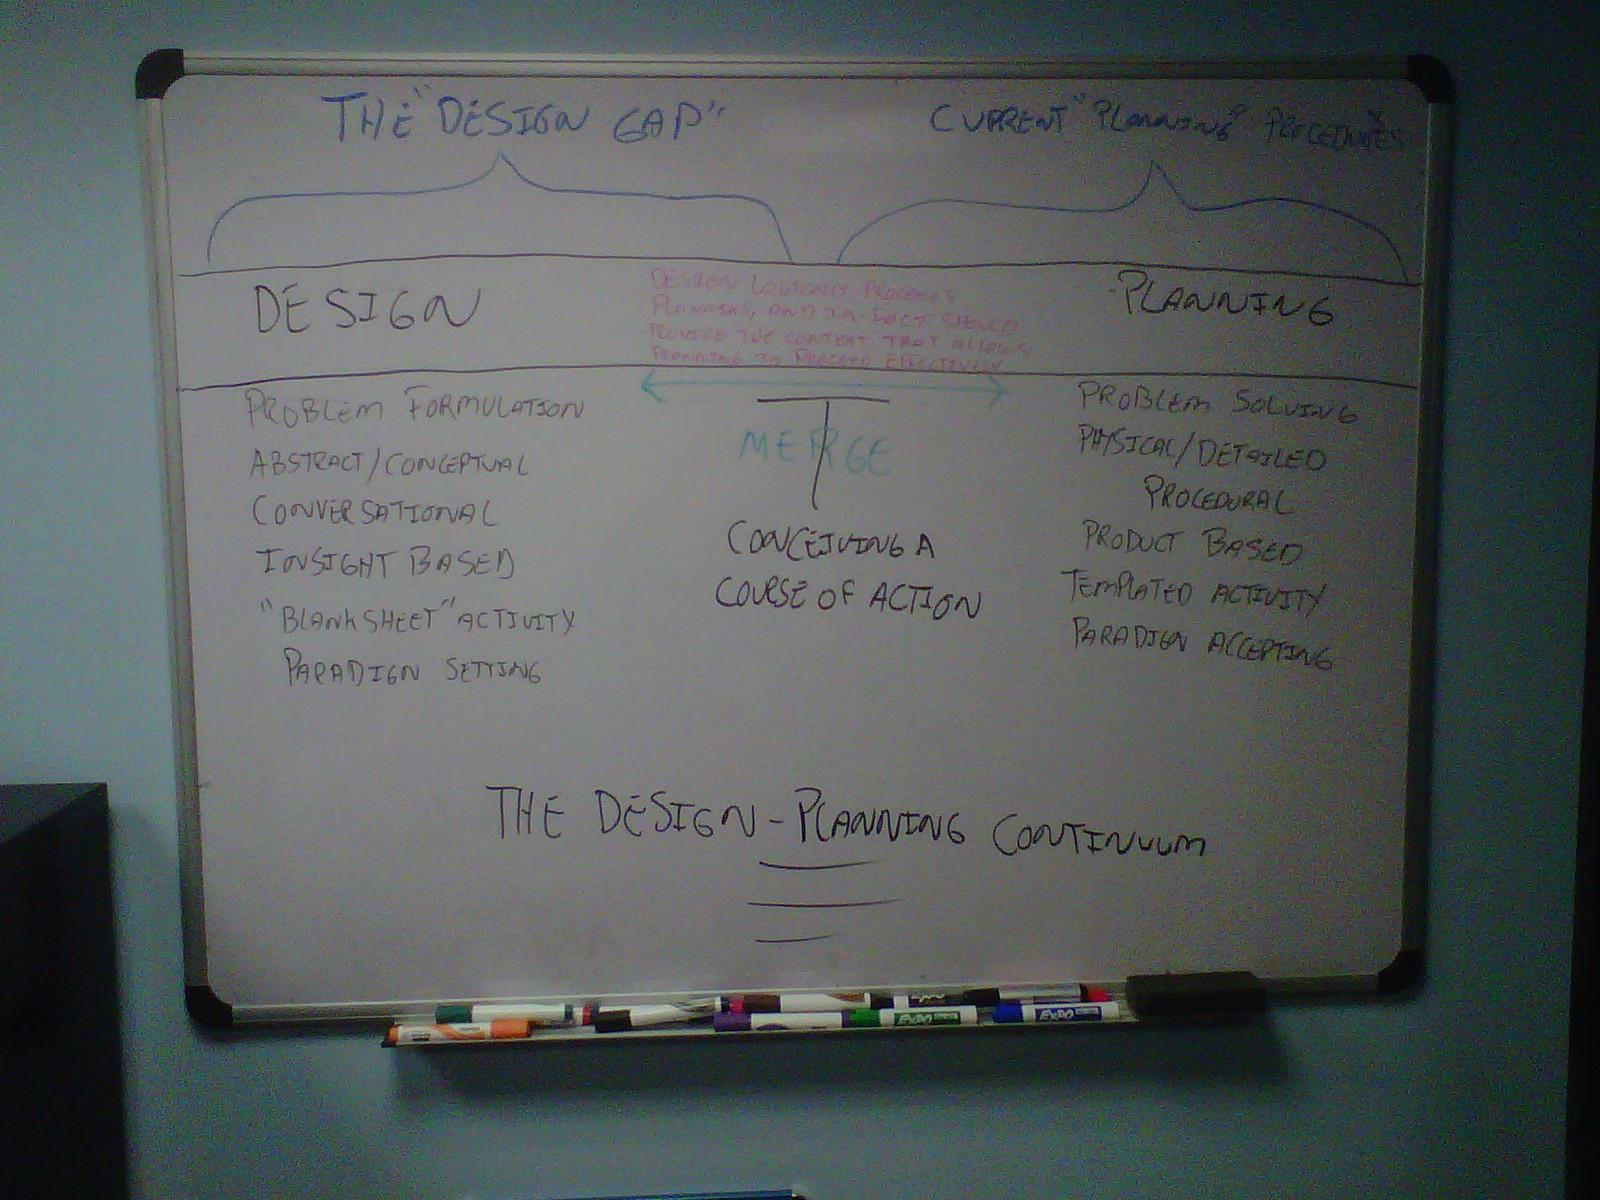 Design Planning Continuum